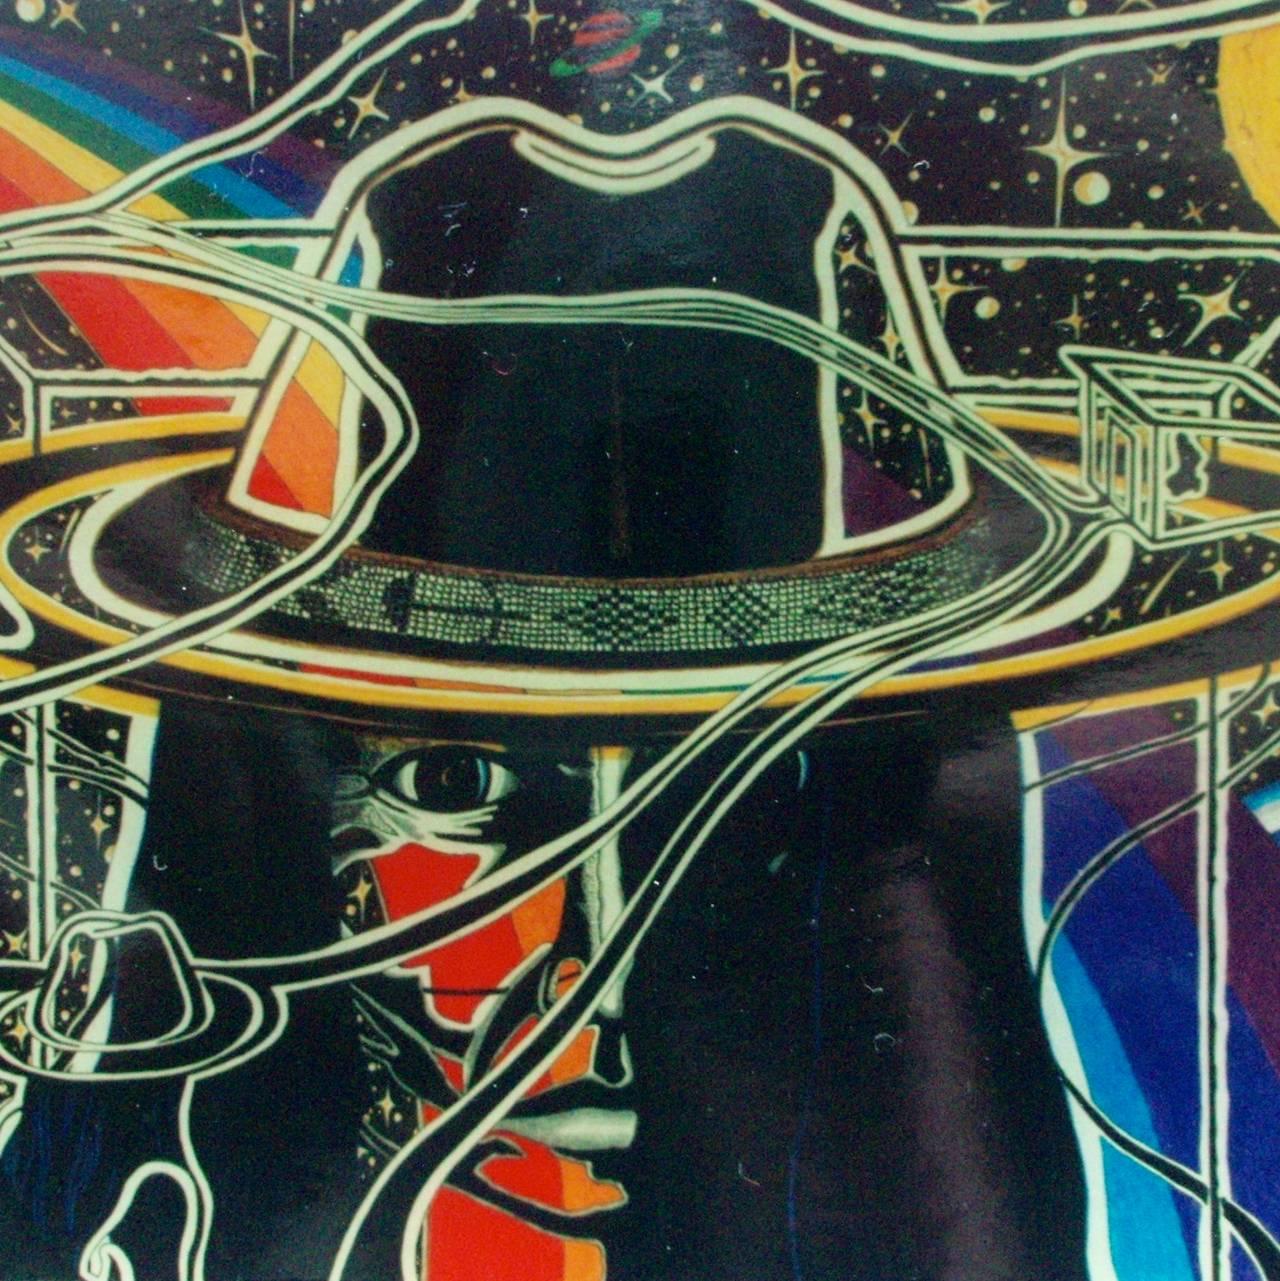 Surrealistisk maleri av et hode med hatt, søramerikansk stil, hvor bakgrunnen er universet med regnbue til venstre og jordkloden bak til høyre. En mindre versjon av samme skikkelse ser på dette hodet